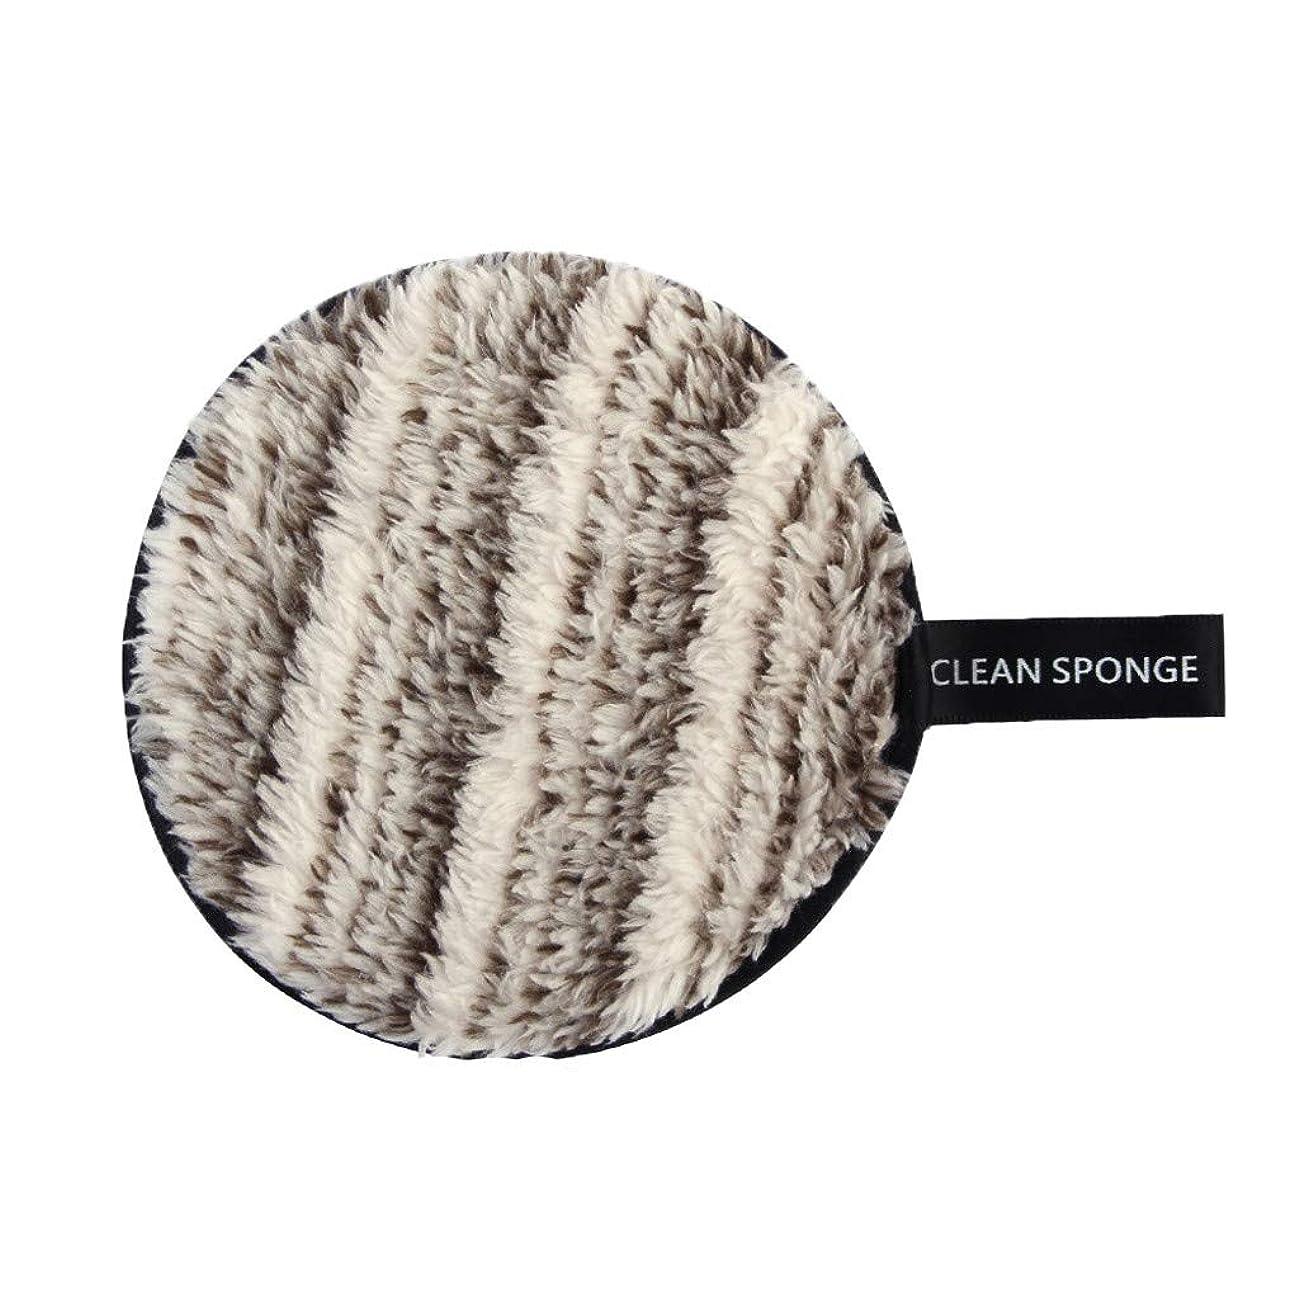 潤滑する安西合唱団Posmant 両面 非常に上質 繊維 化粧落とし パフ 環境に優しい 複数の色 選択できます 便利な 高品質 耐久性あり カラフル 美容 ツールファッション パーティー 多目的 マニキュア メイク 携帯便利